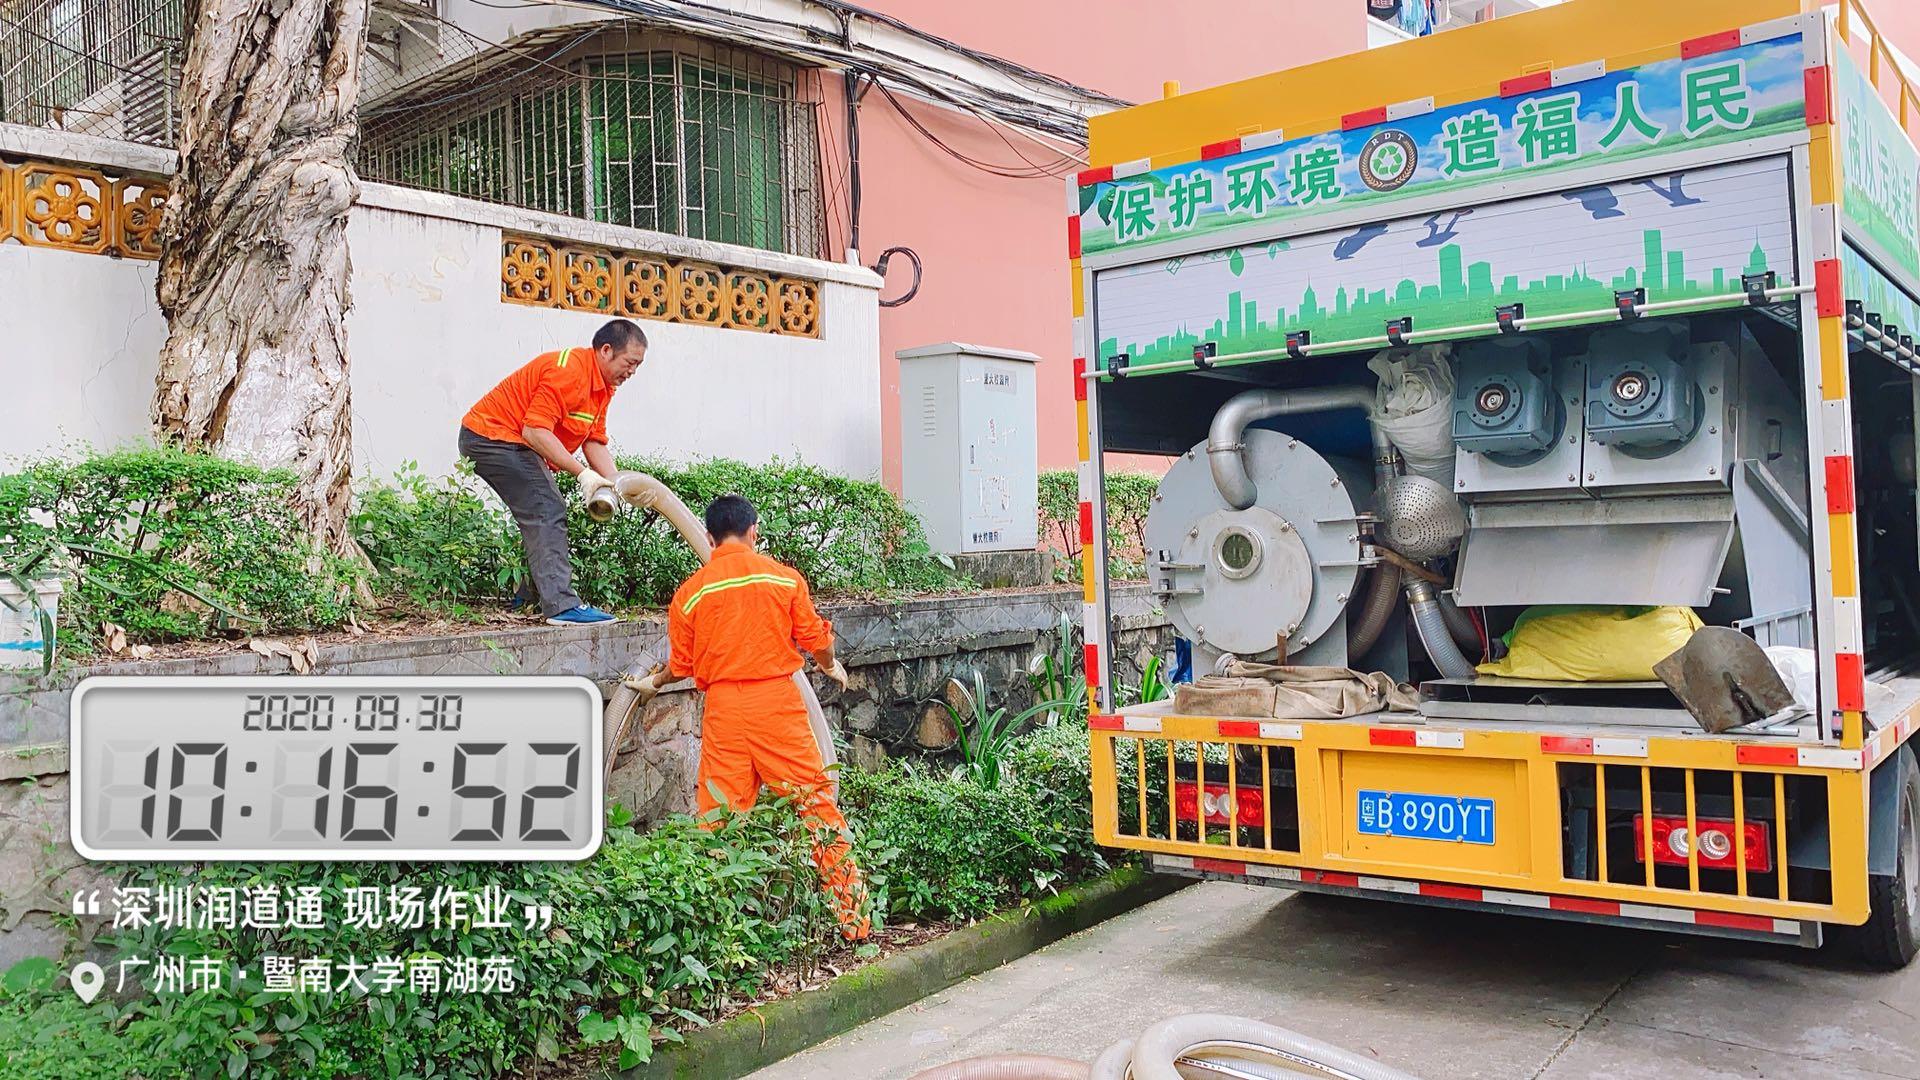 热烈祝贺润道通对广州华侨医院化粪池清理服务项目圆满竣工!